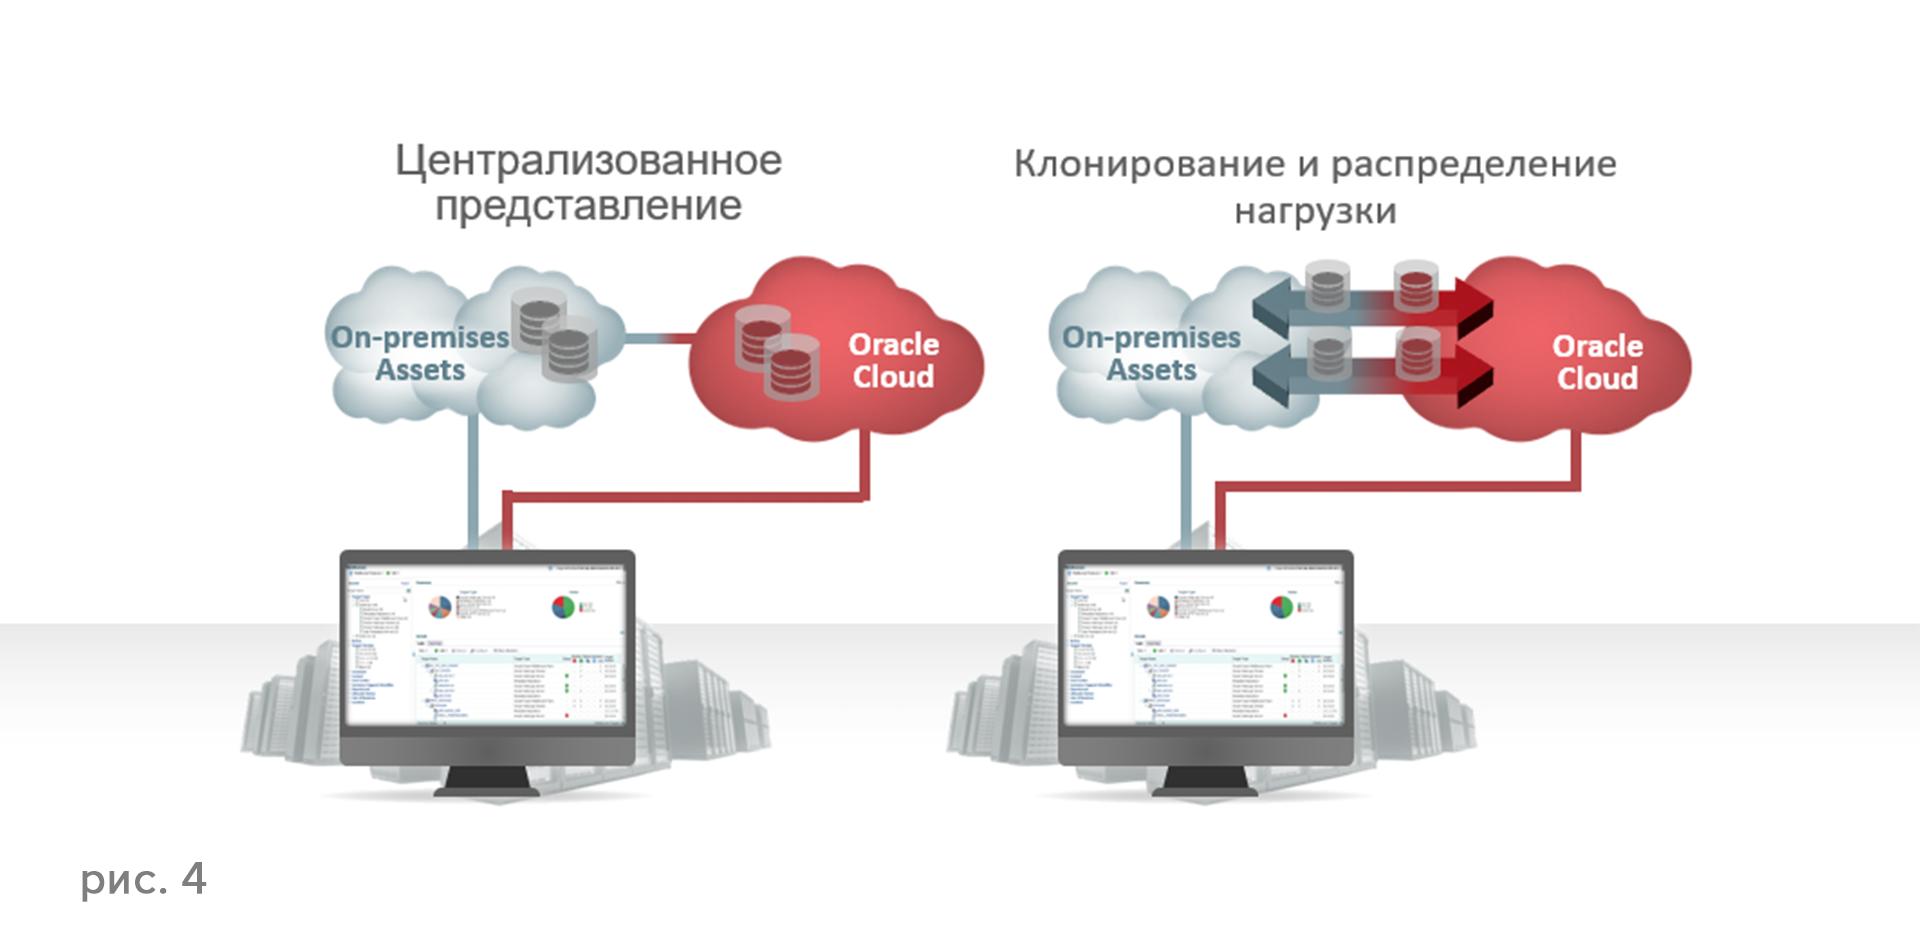 Oracle IaaS и PaaS — все для вас - 5